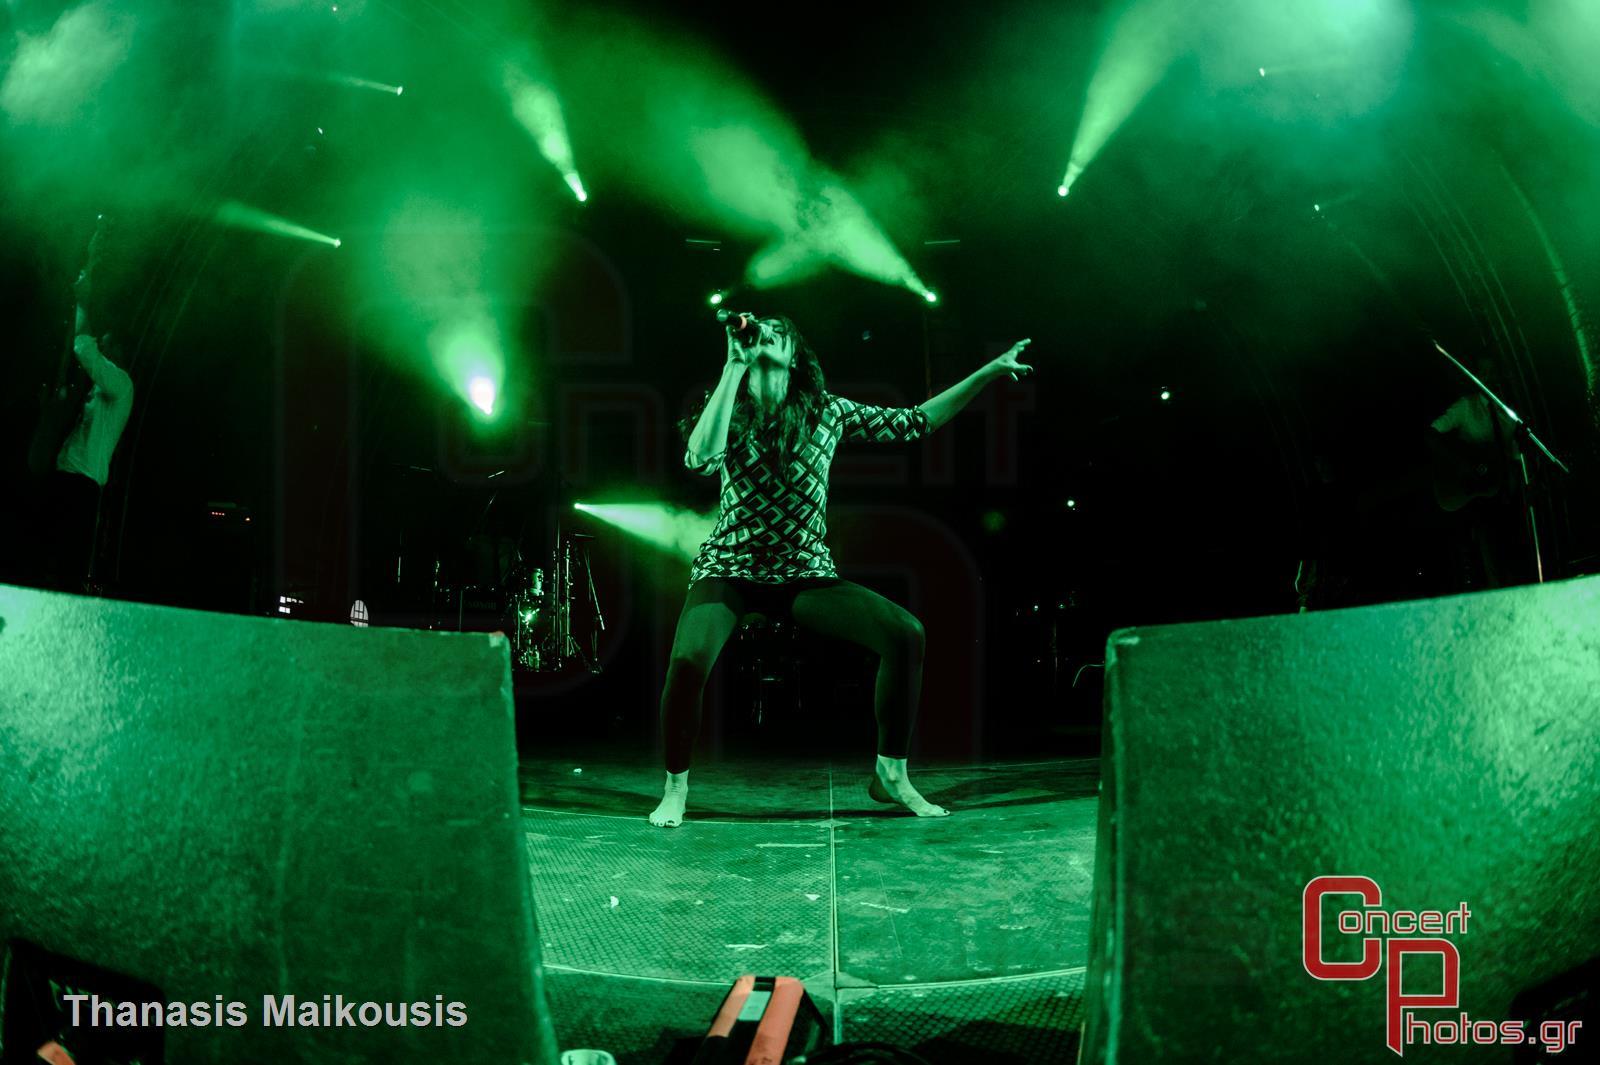 Nouvelle Vague-Nuvelle Vague photographer: Thanasis Maikousis - concertphotos_-8768